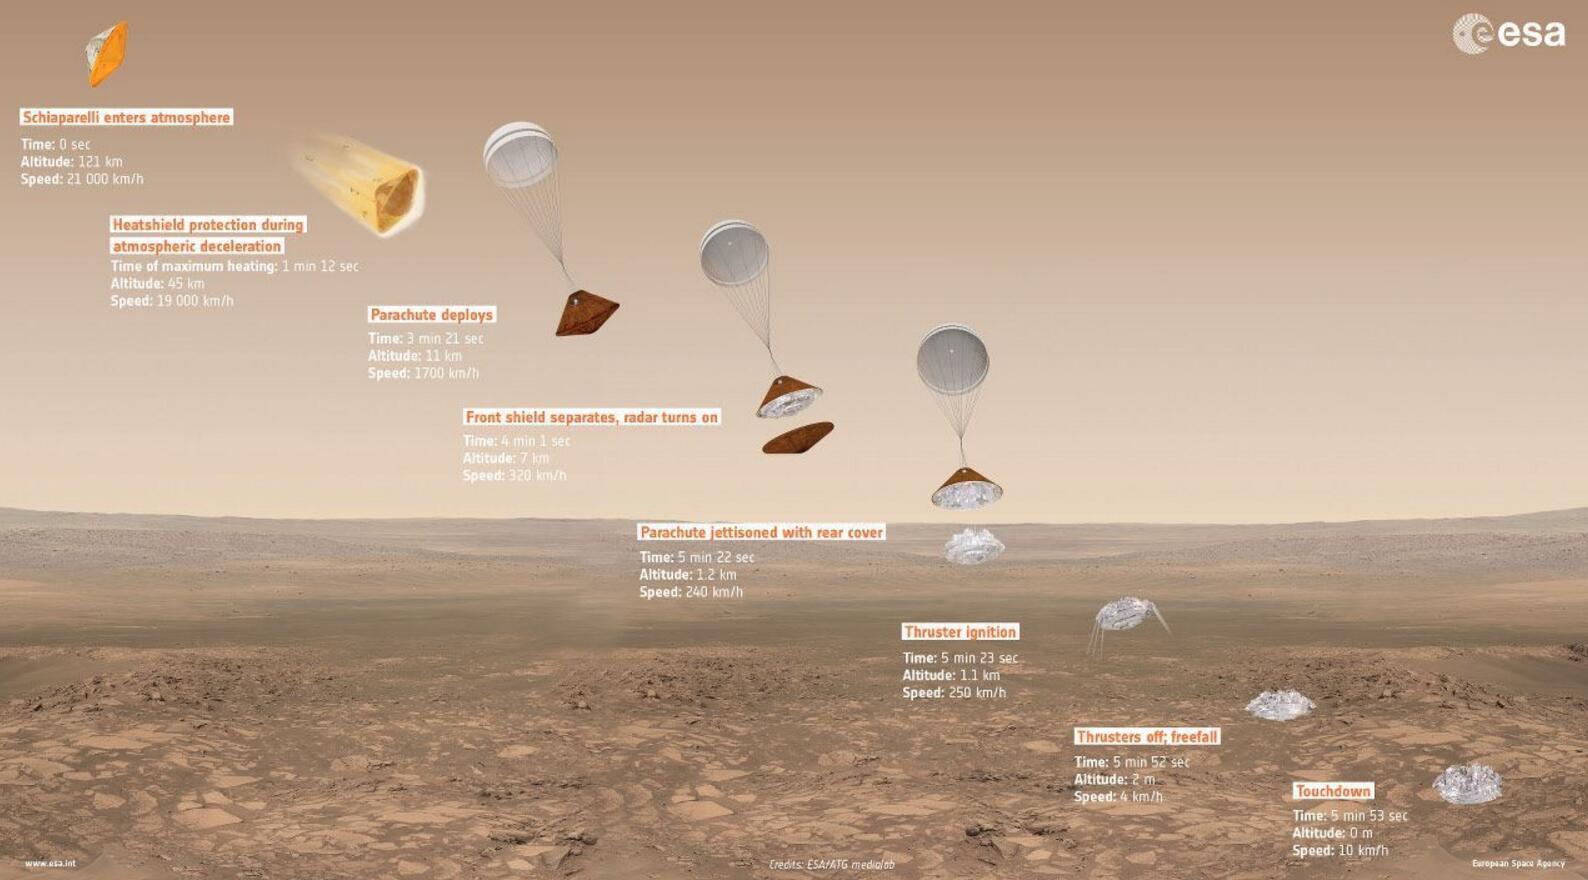 欧空局确认自家火星登陆器在登陆时失联